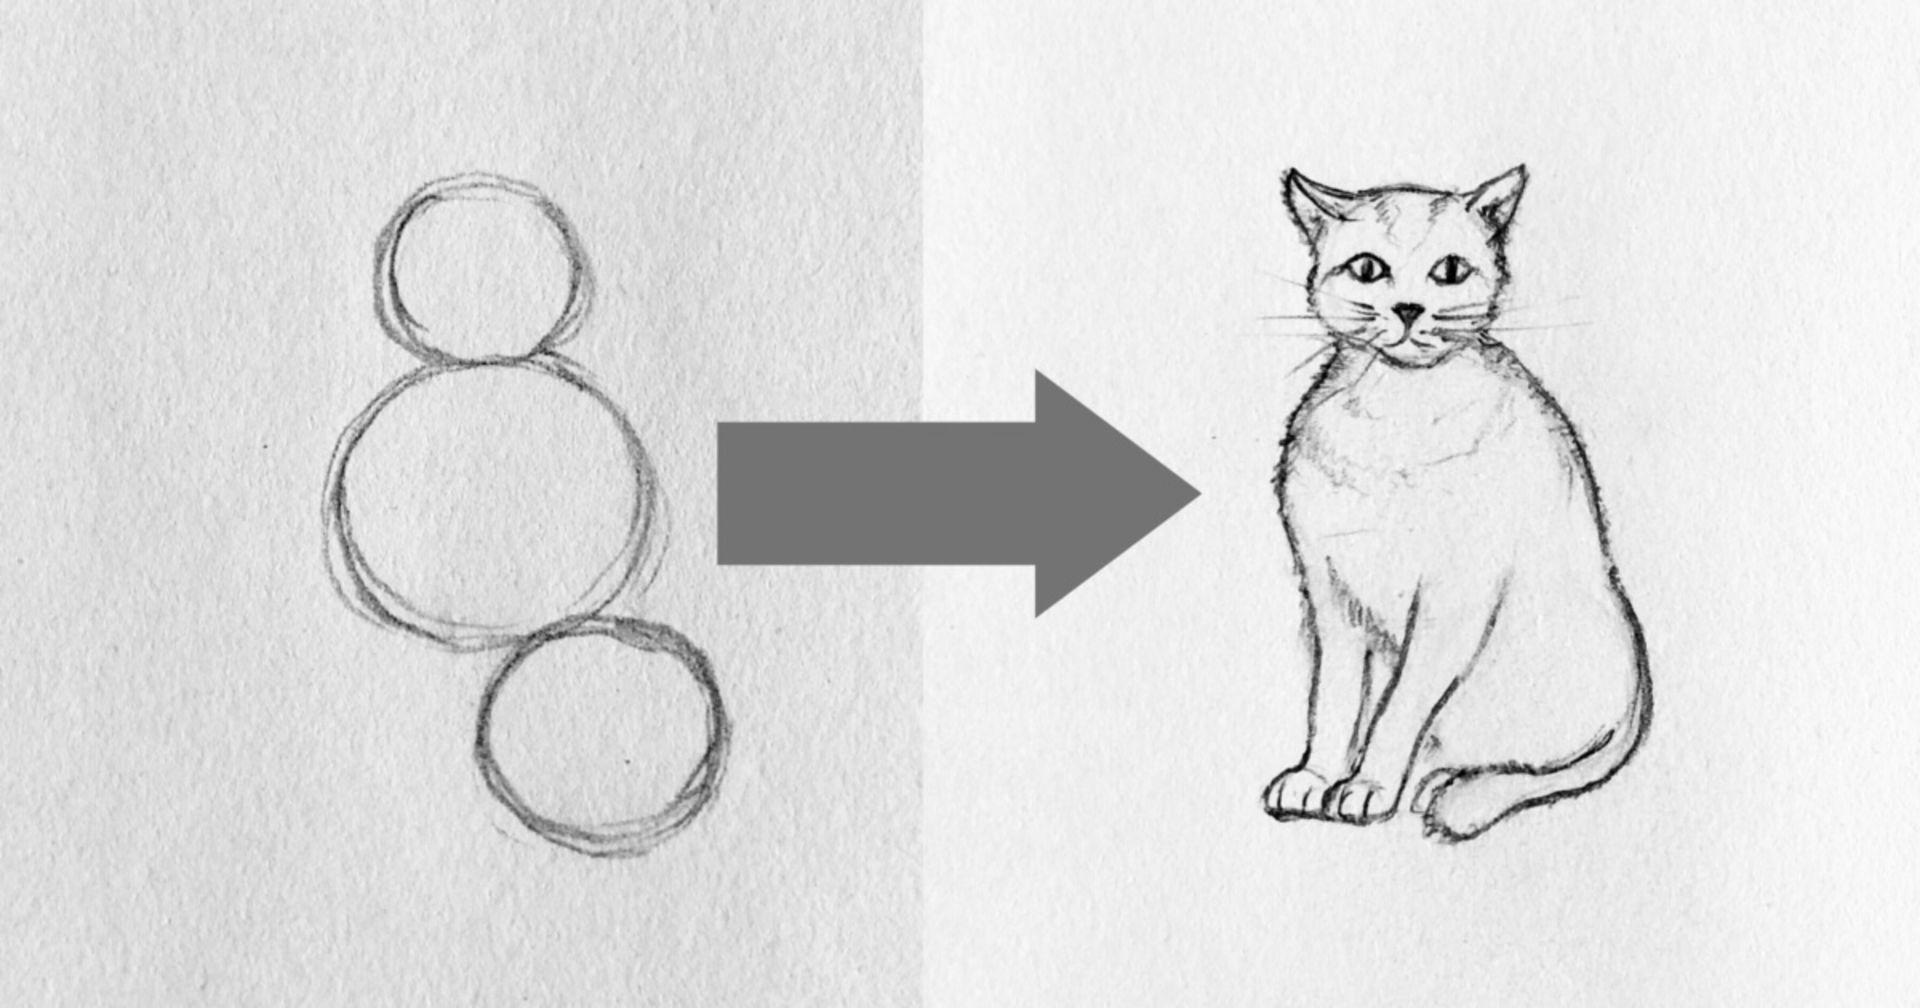 In Funf Einfachen Schritten Eine Katze Zeichnen Katze Zeichnen Katzen Zeichnen